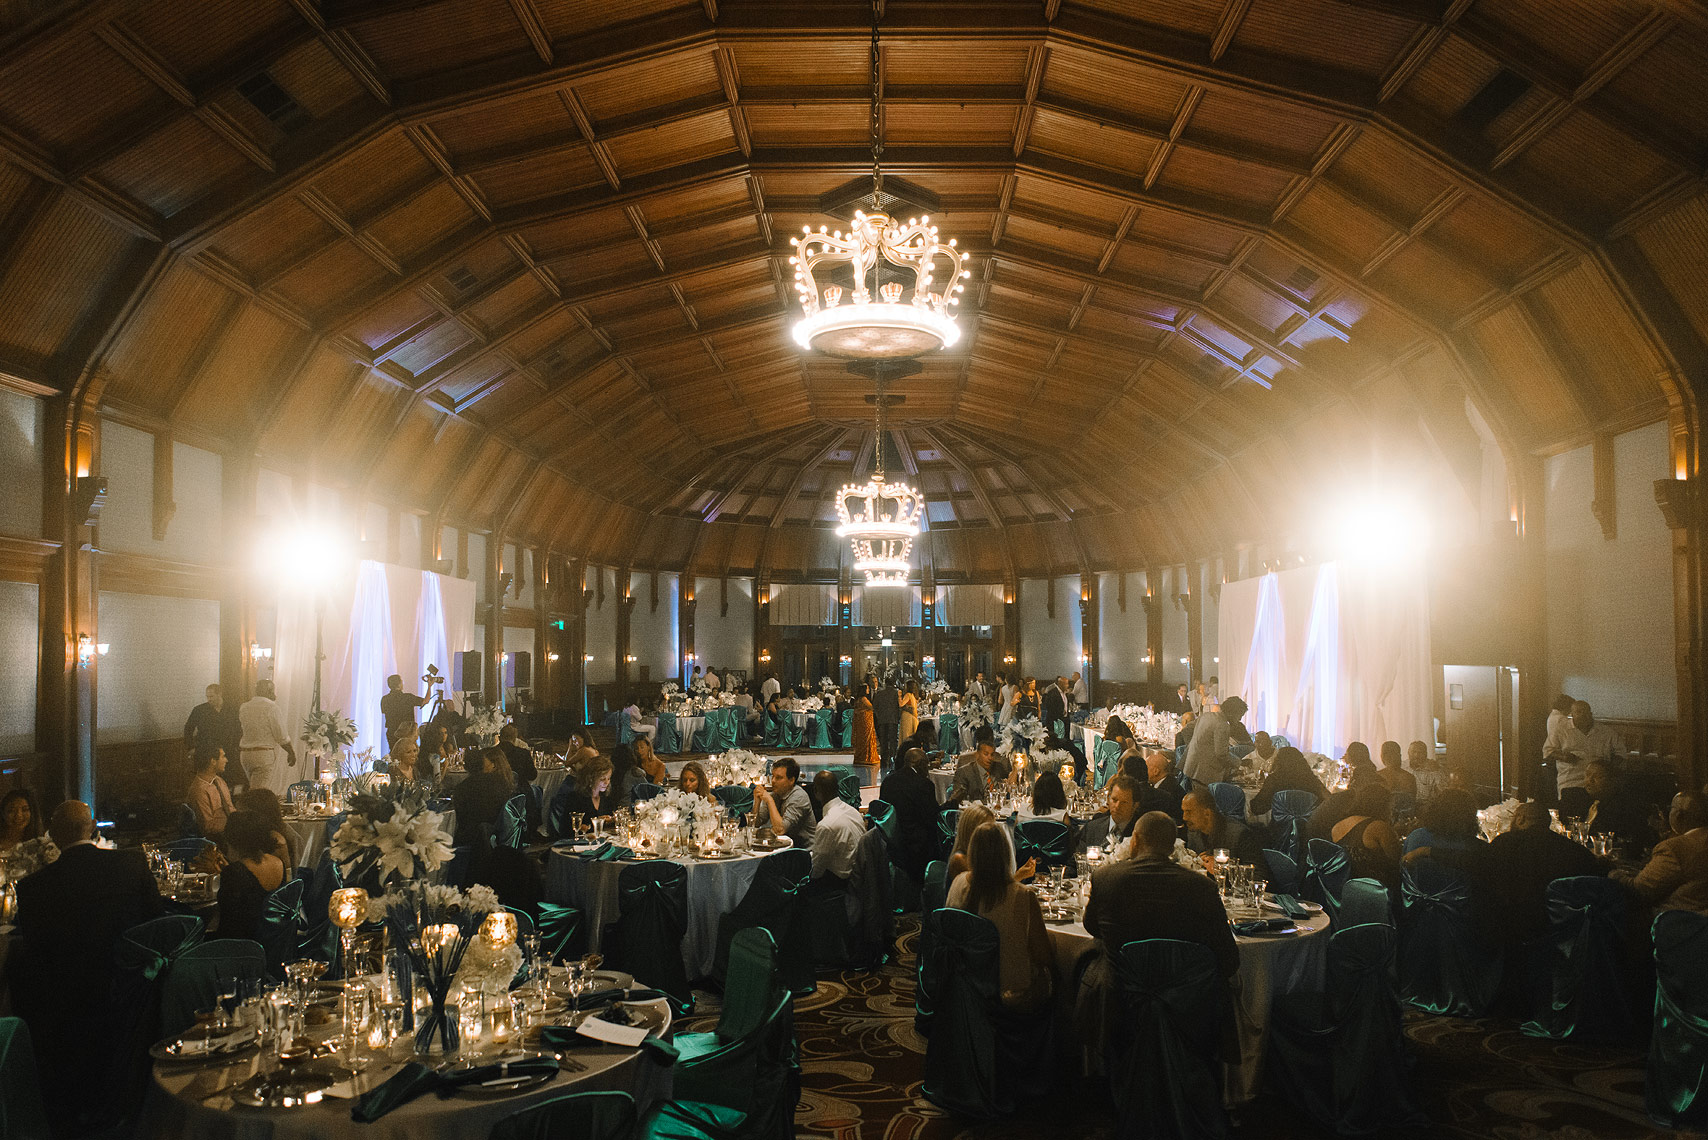 30-hotel-del-coronado-celebrity-wedding.jpg